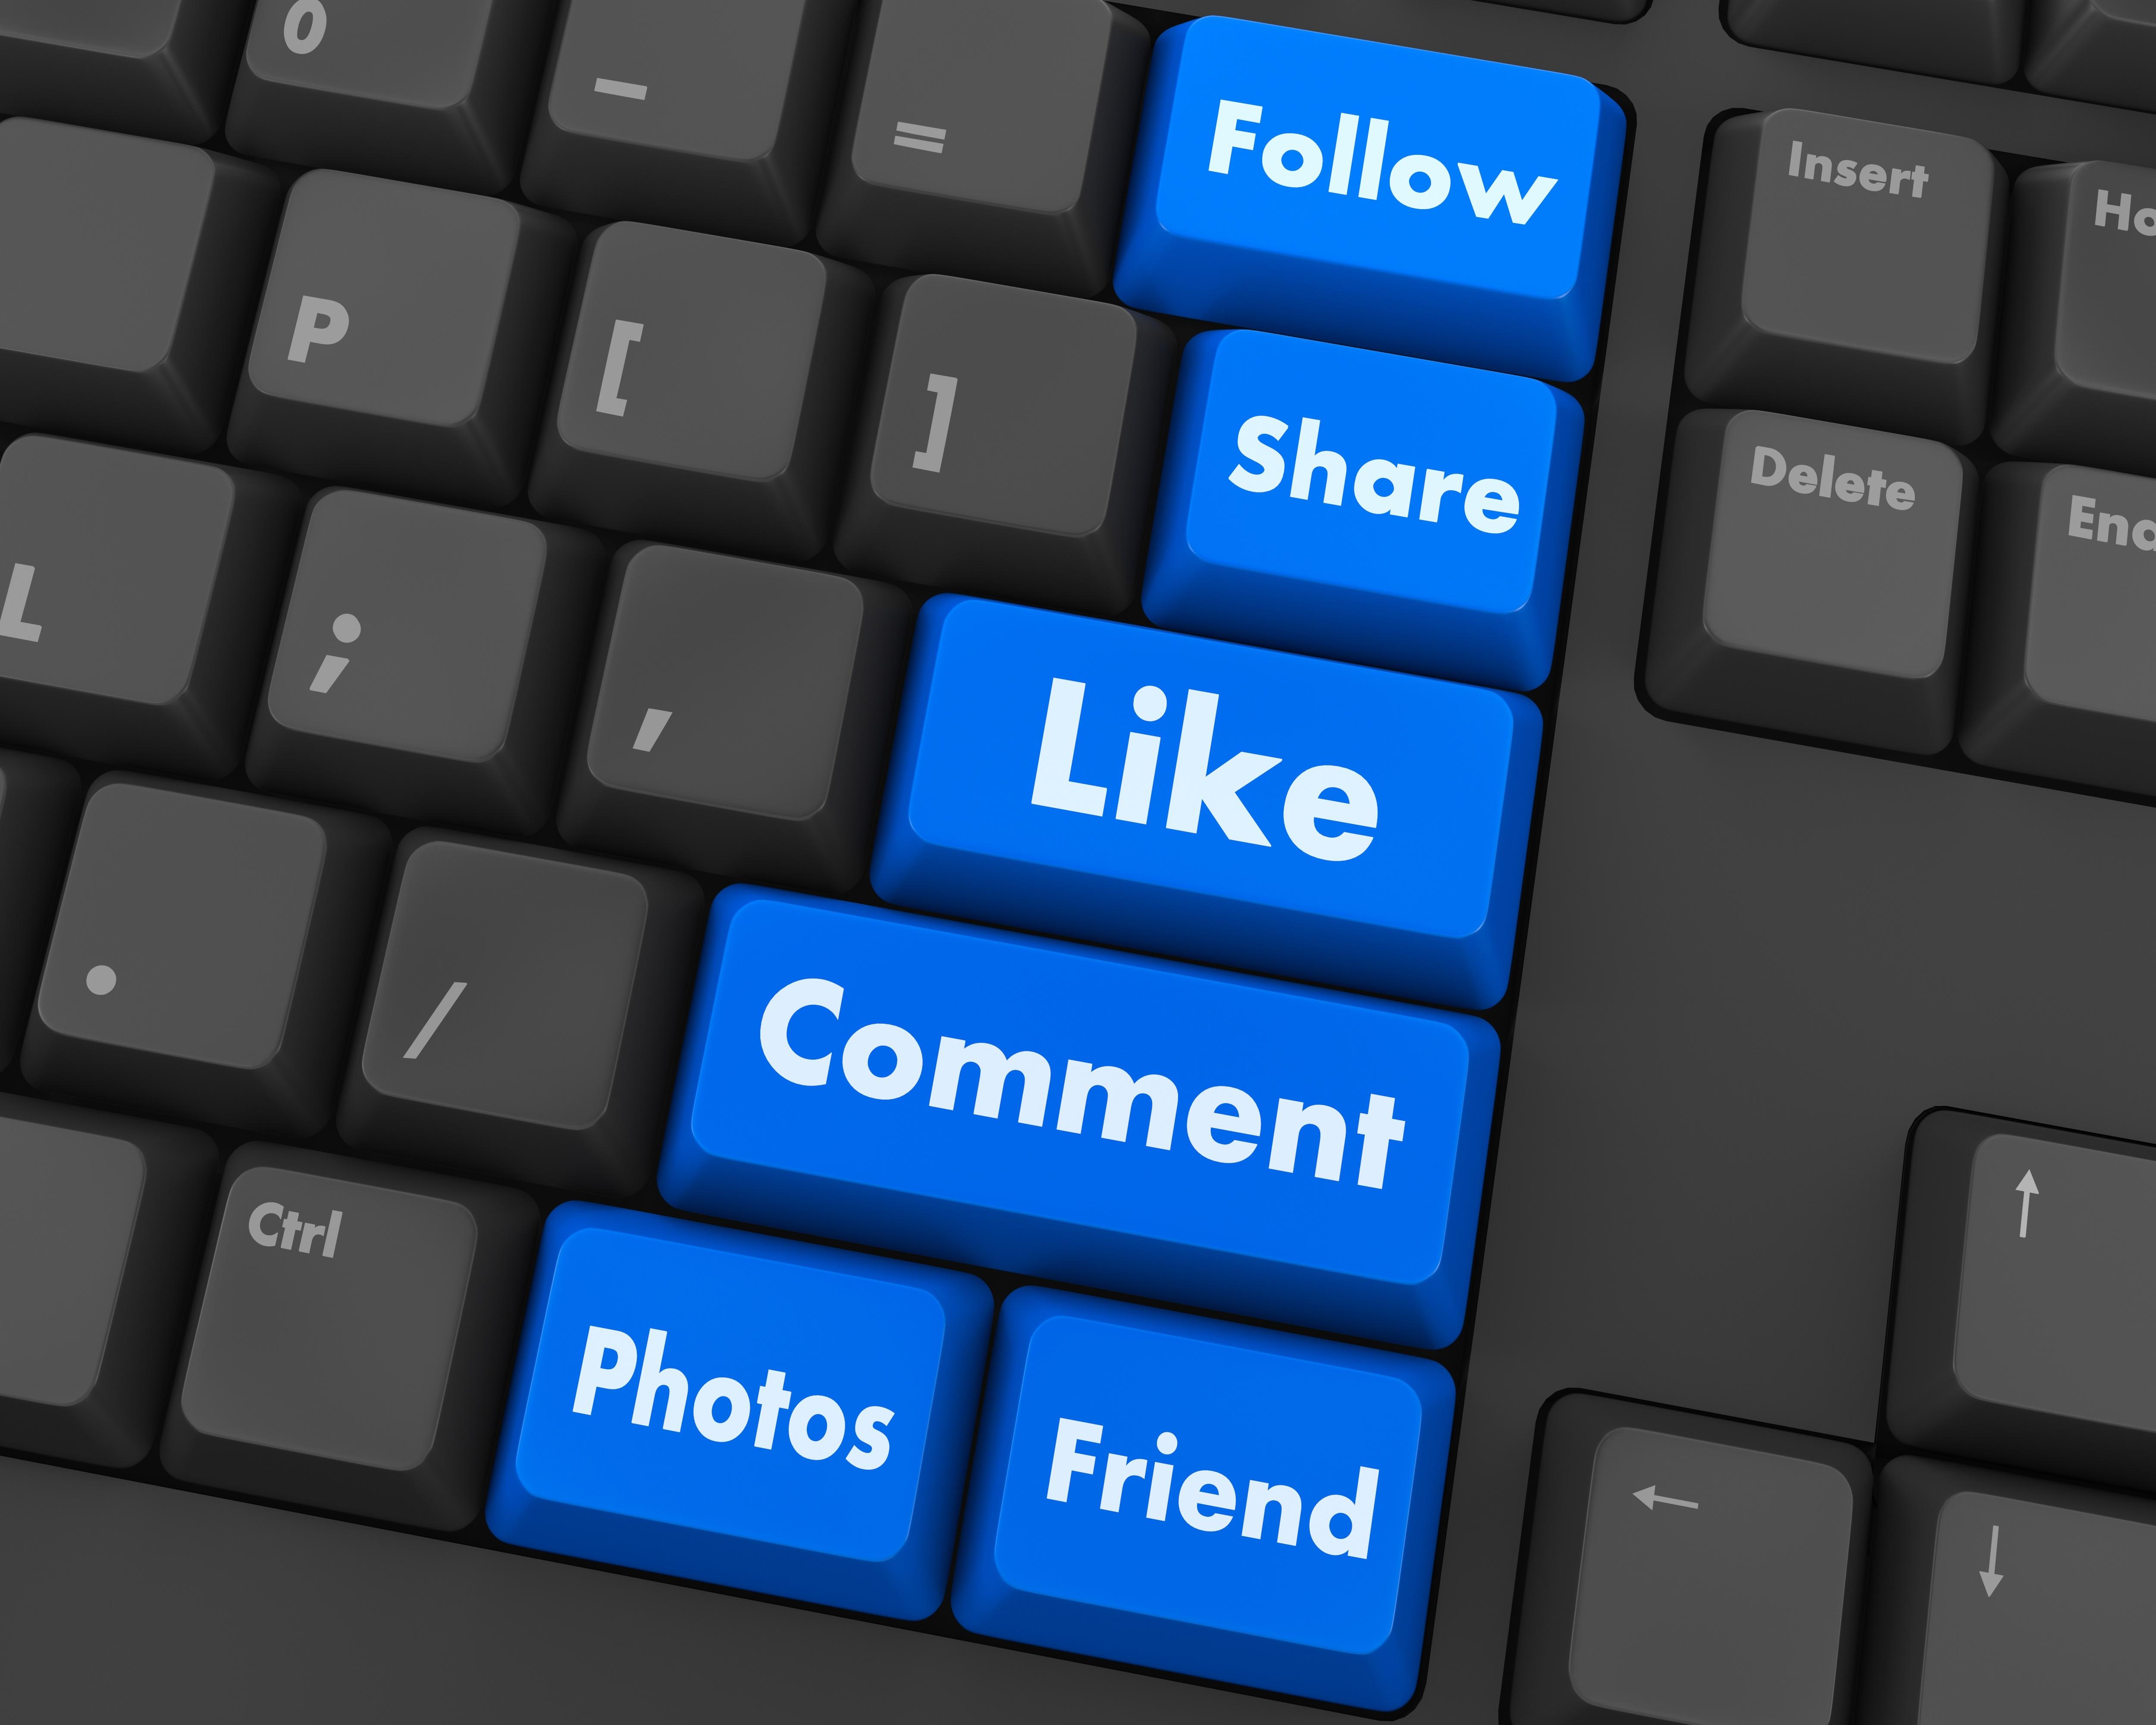 Facebook_AdobeStock_62656738.jpeg